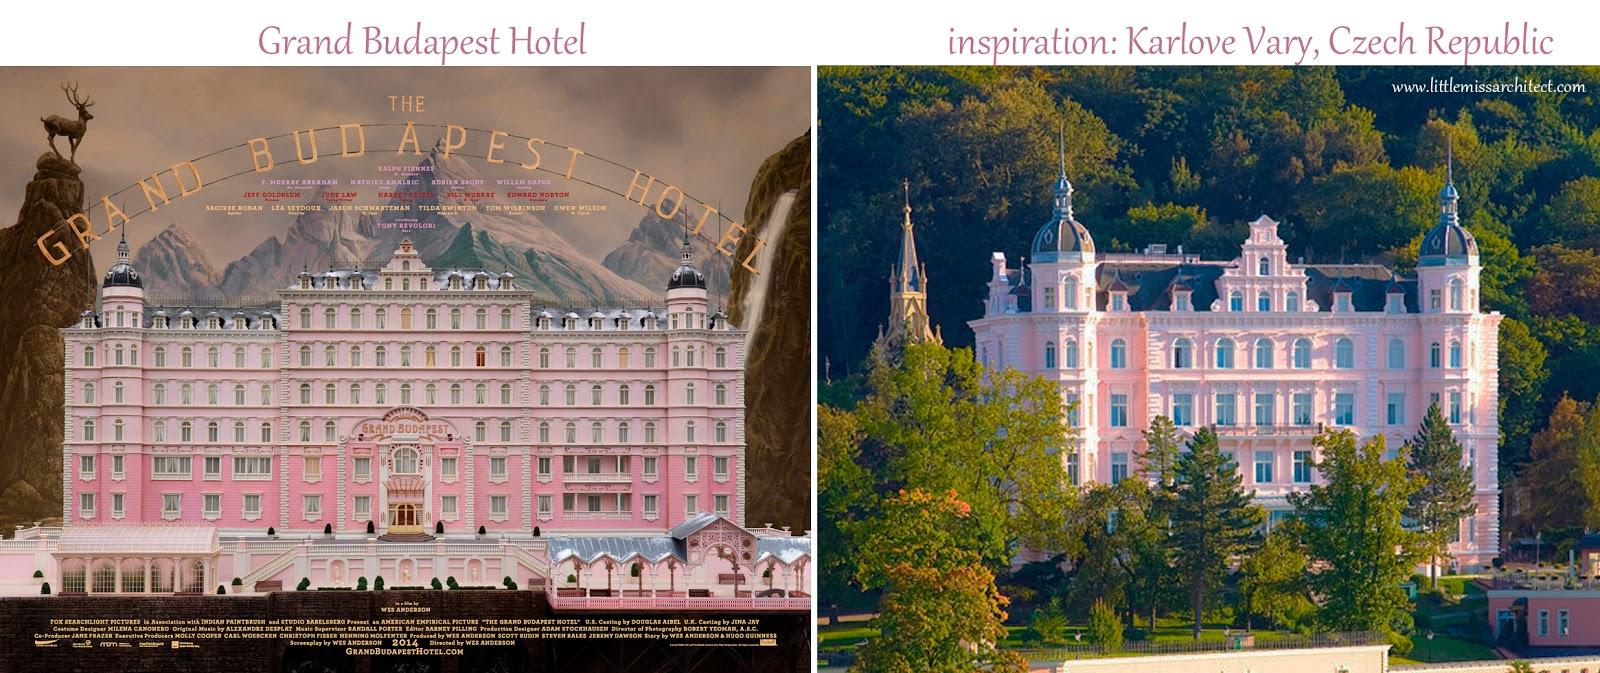 Grand Budapest Hotel Karlovy Vary